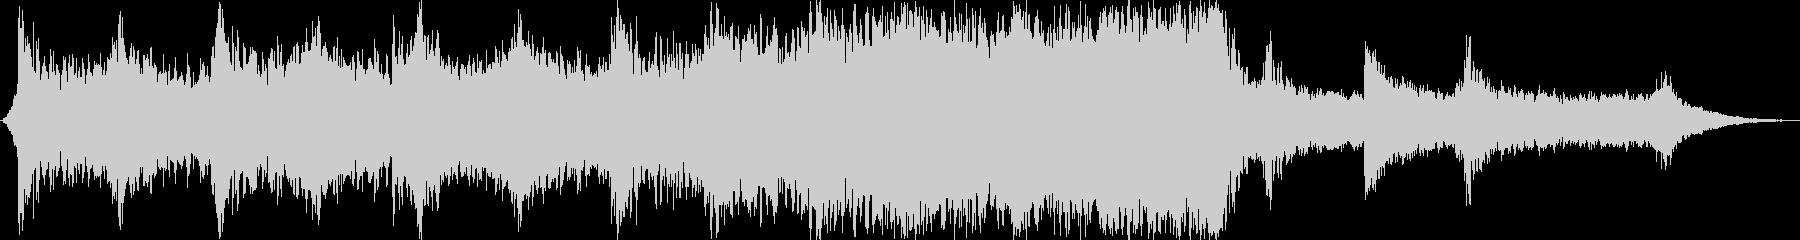 現代的 交響曲 実験的な アクティ...の未再生の波形